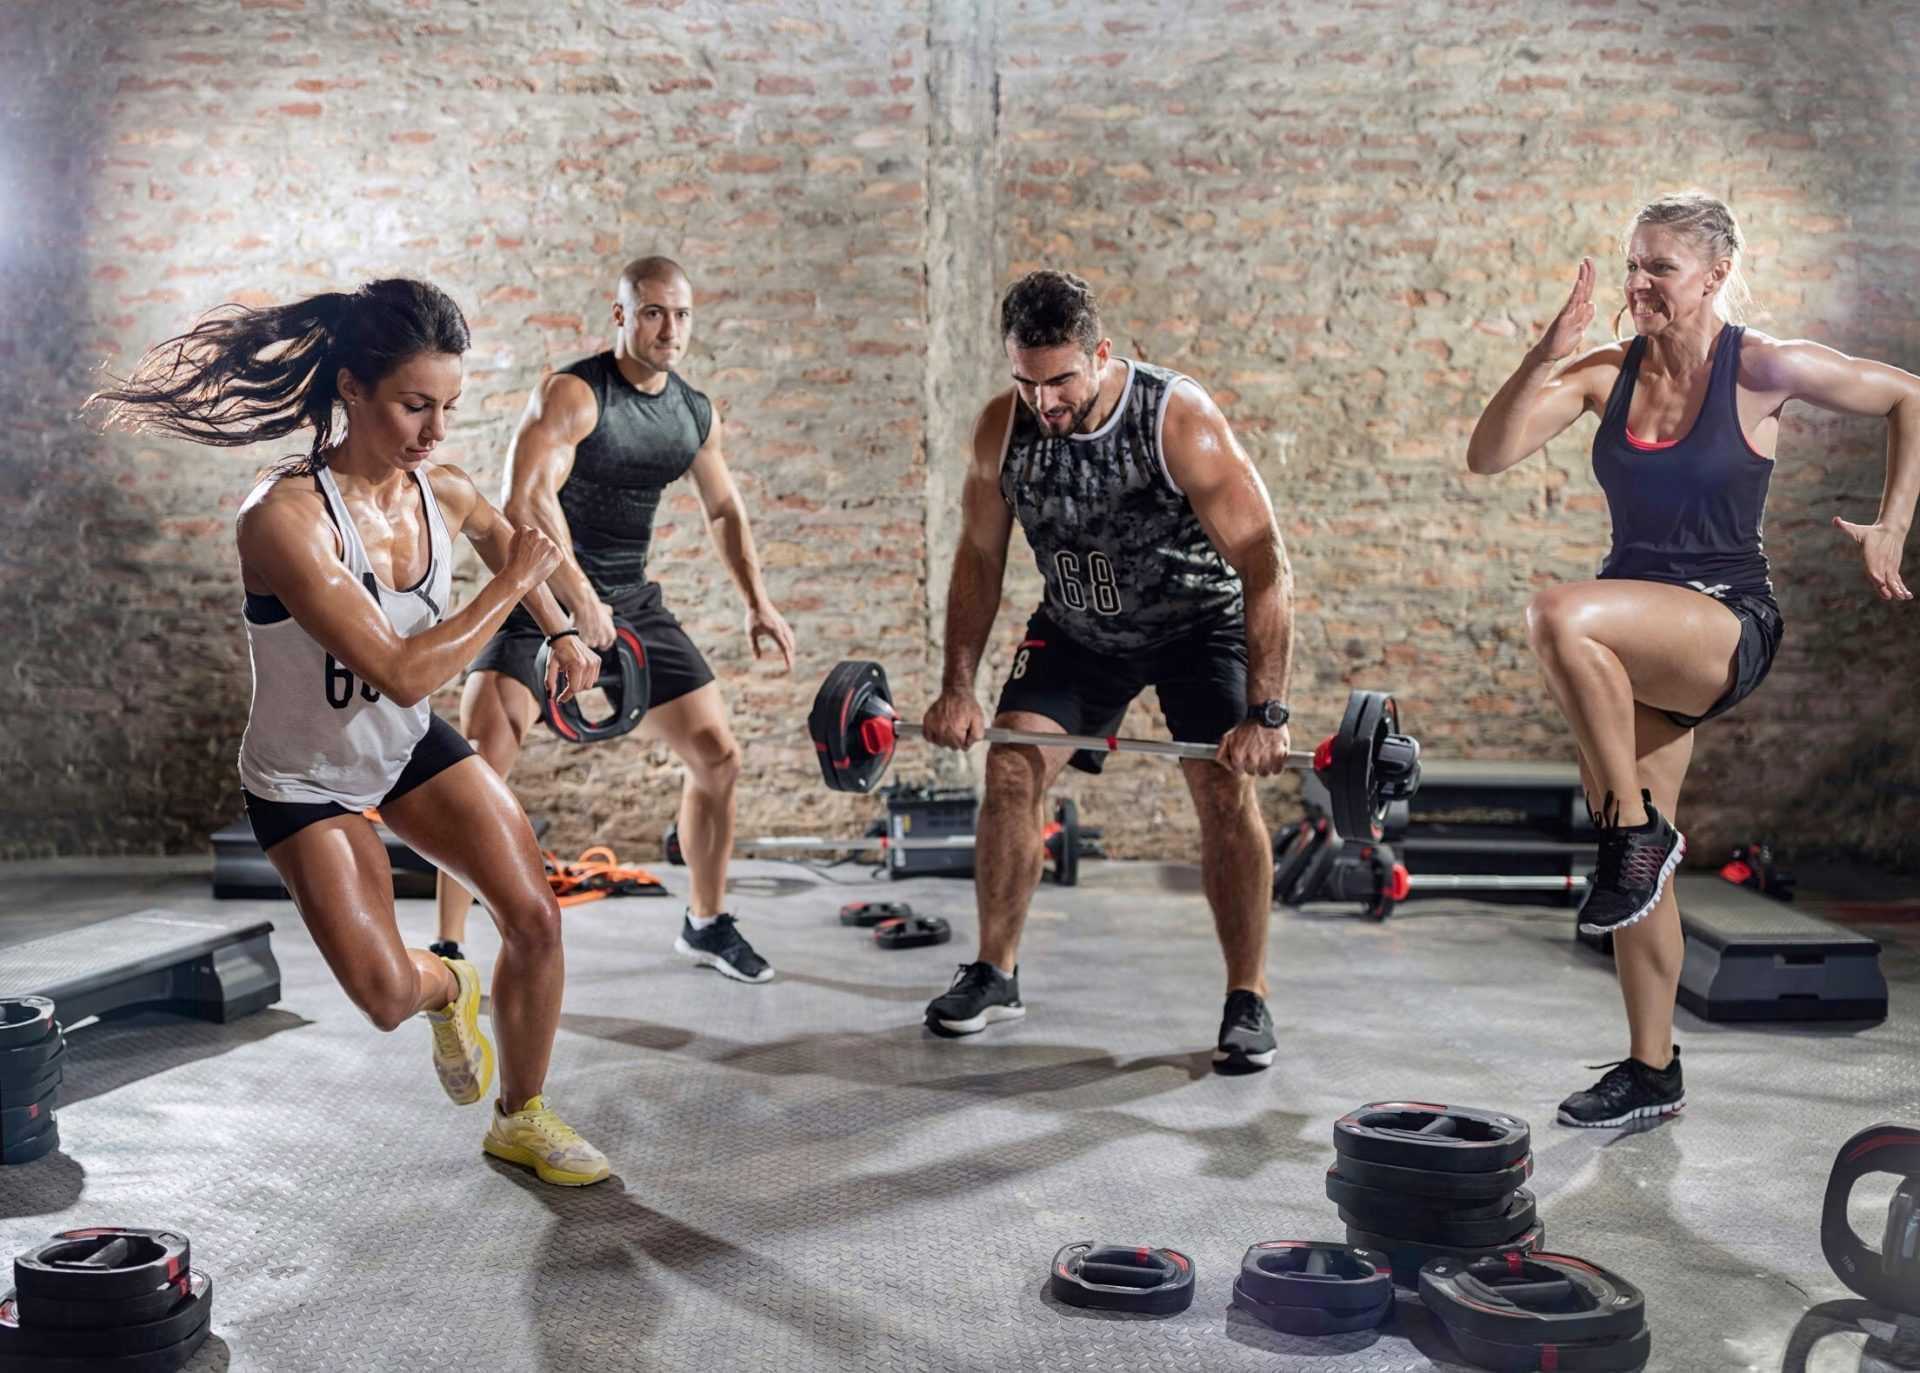 ВИИТ (HIIT): что это, эффективность, польза и вред, сравнение с кардио-тренировками, кому подойдет ВИИТ Особенности, упражнения и схема тренировок ВИИТ